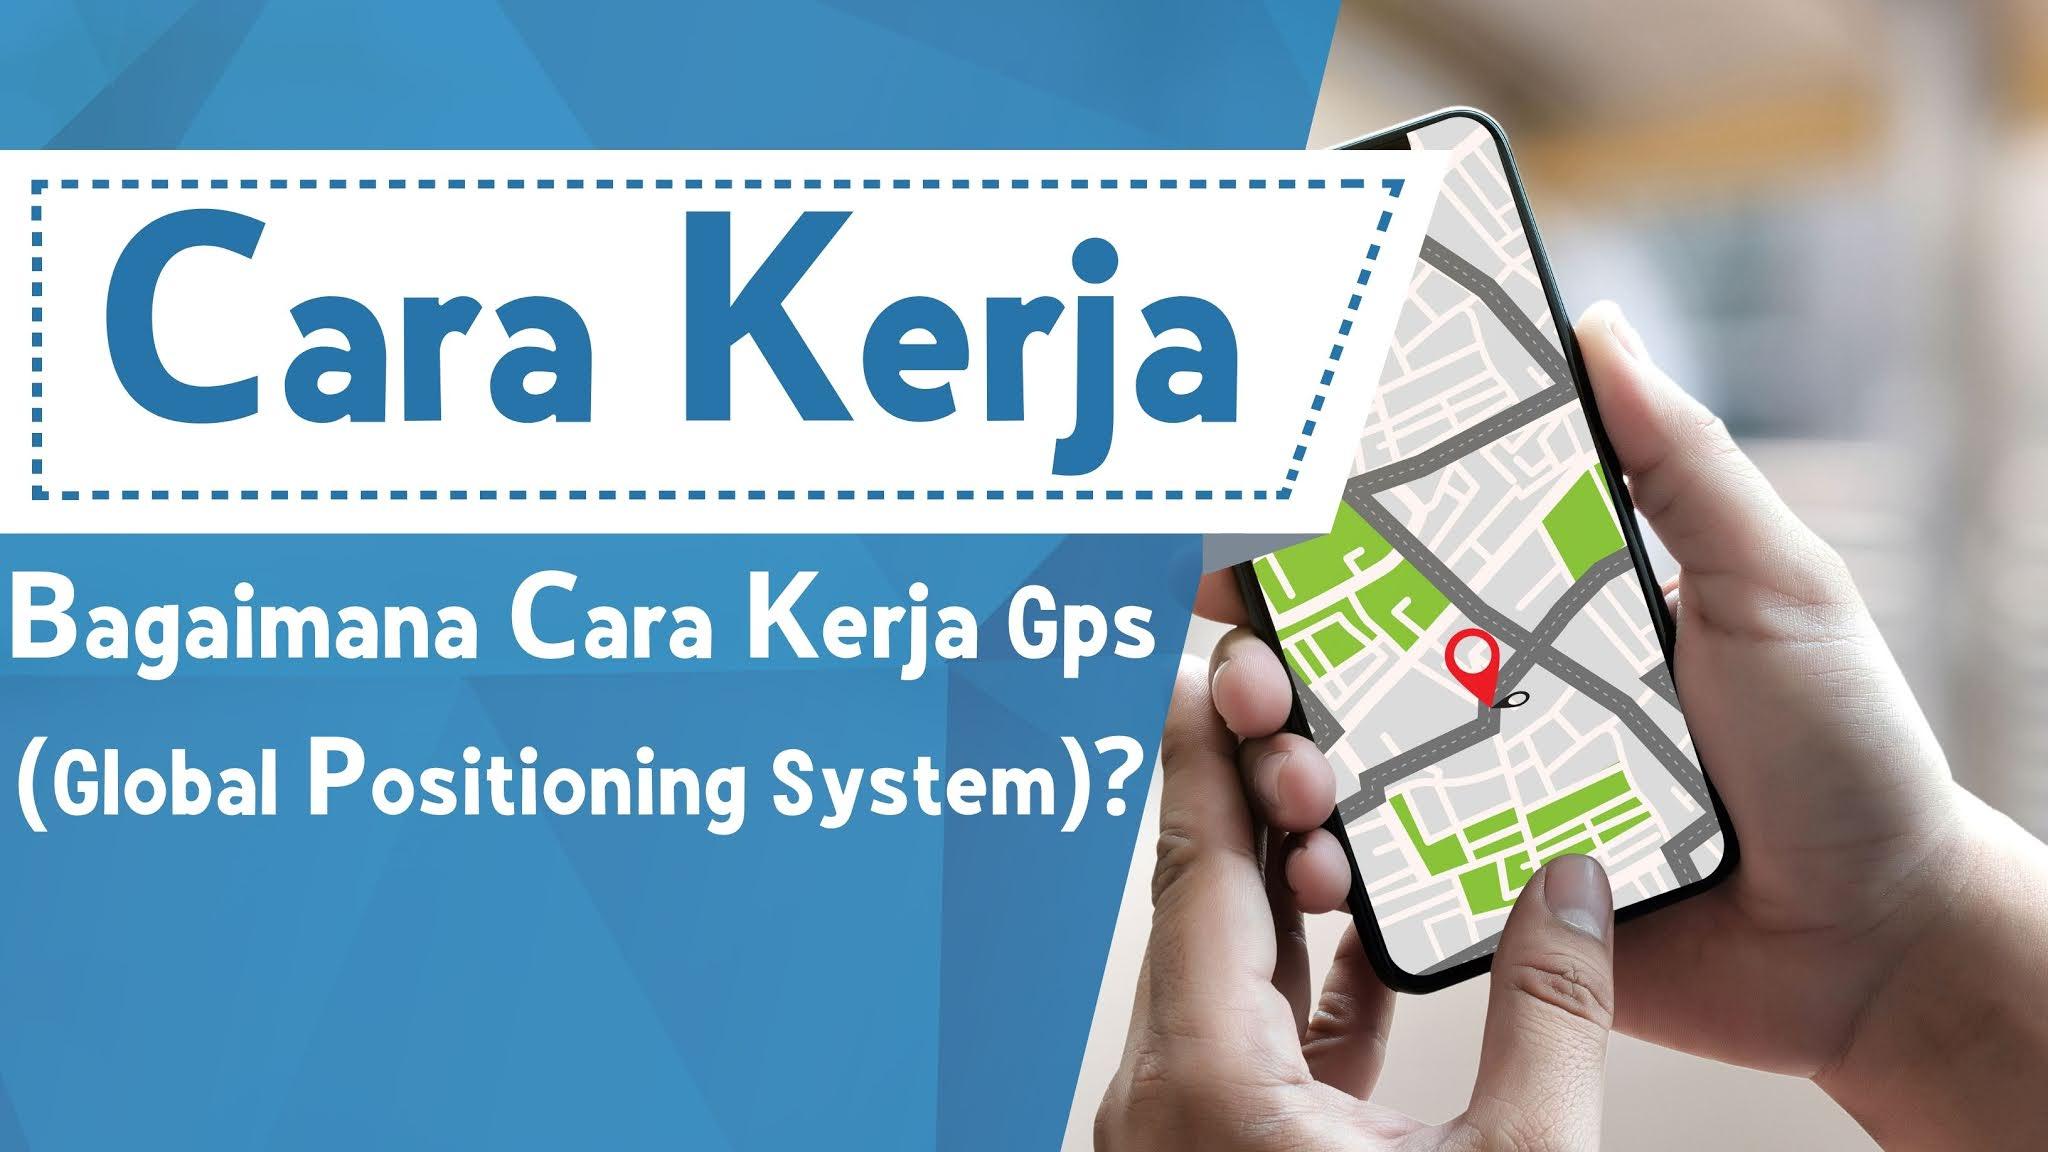 Bagaimana Cara Kerja GPS (Global Positioning System)?